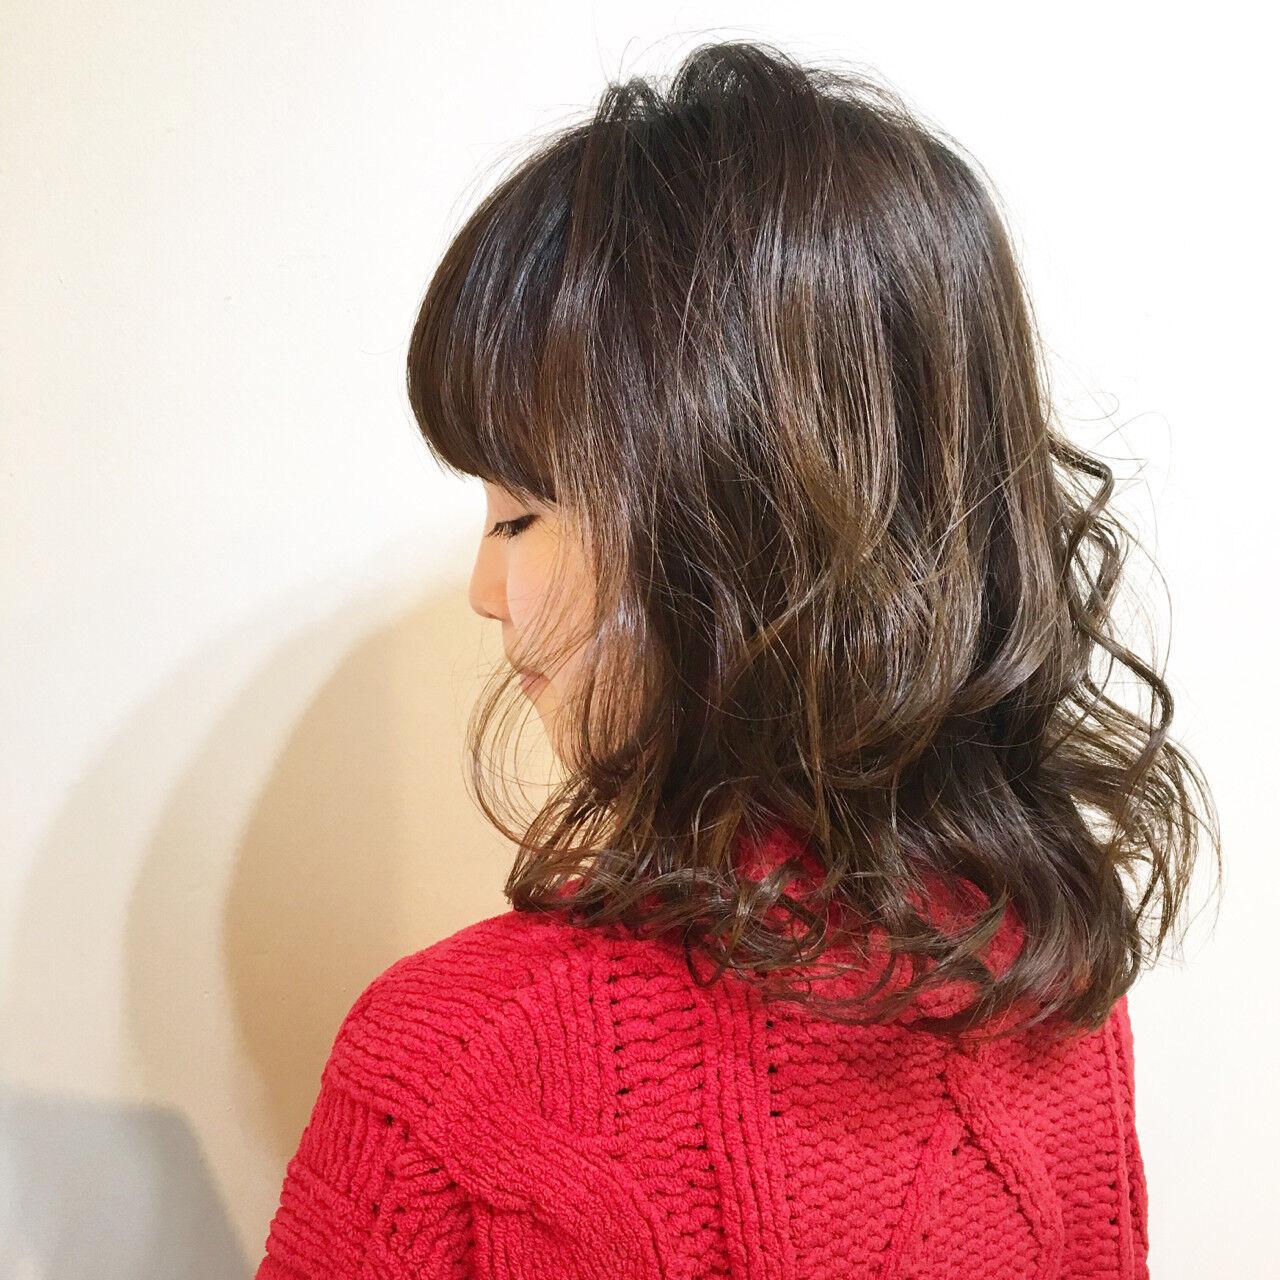 フリンジバング 色気 ボブ 大人女子ヘアスタイルや髪型の写真・画像